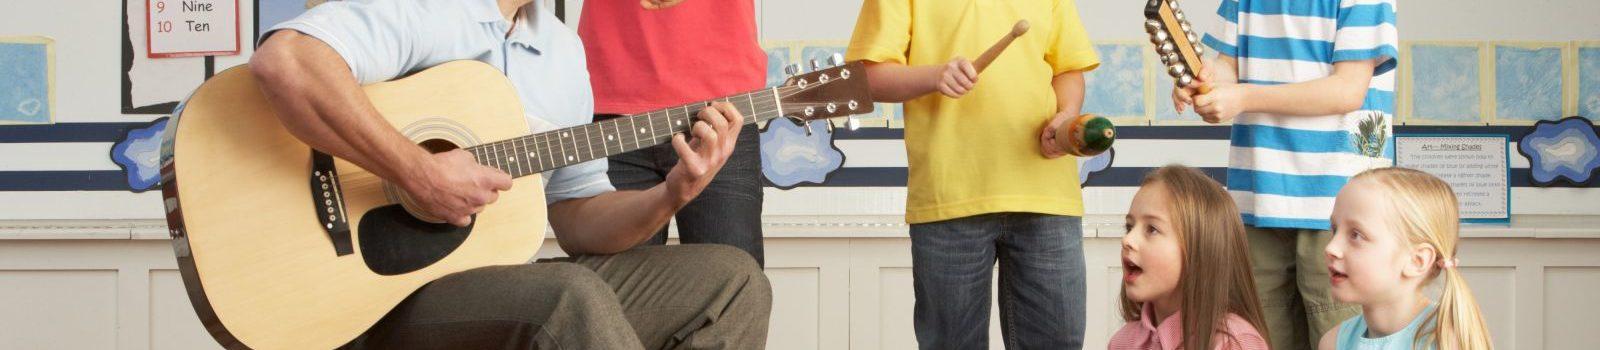 Музыкальный руководитель в дошкольном и начальном общем образовании в условиях реализации ФГОС